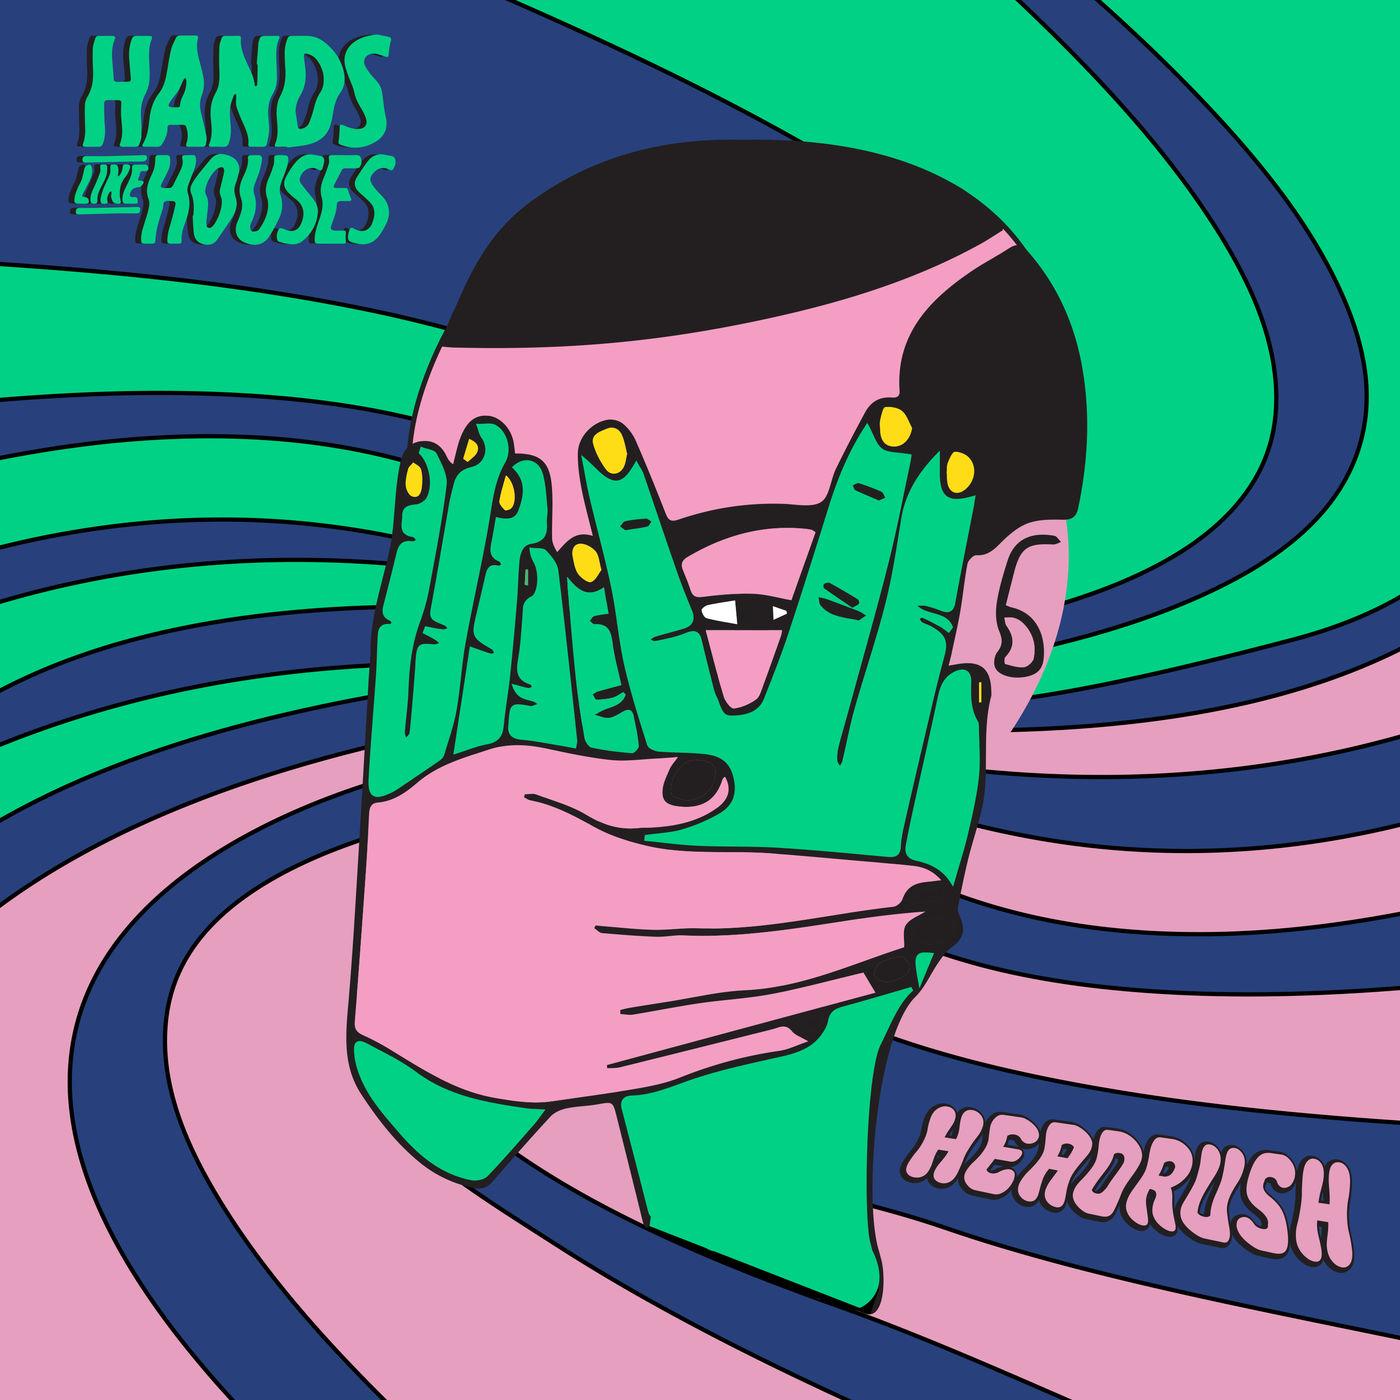 Hands Like Houses - Headrush [single] (2020)